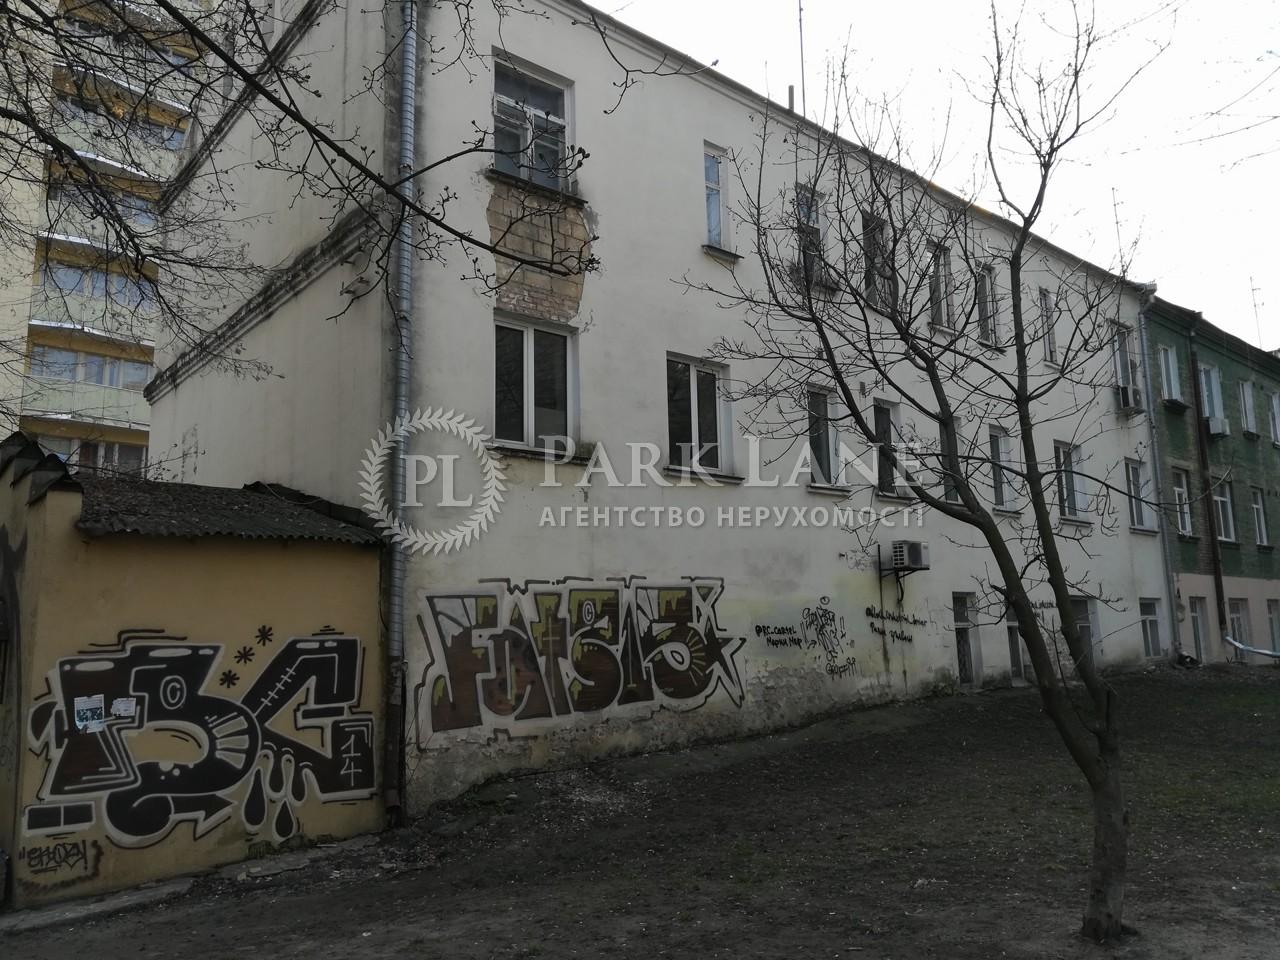 Нежитлове приміщення, вул. Дмитрівська, Київ, K-27702 - Фото 10